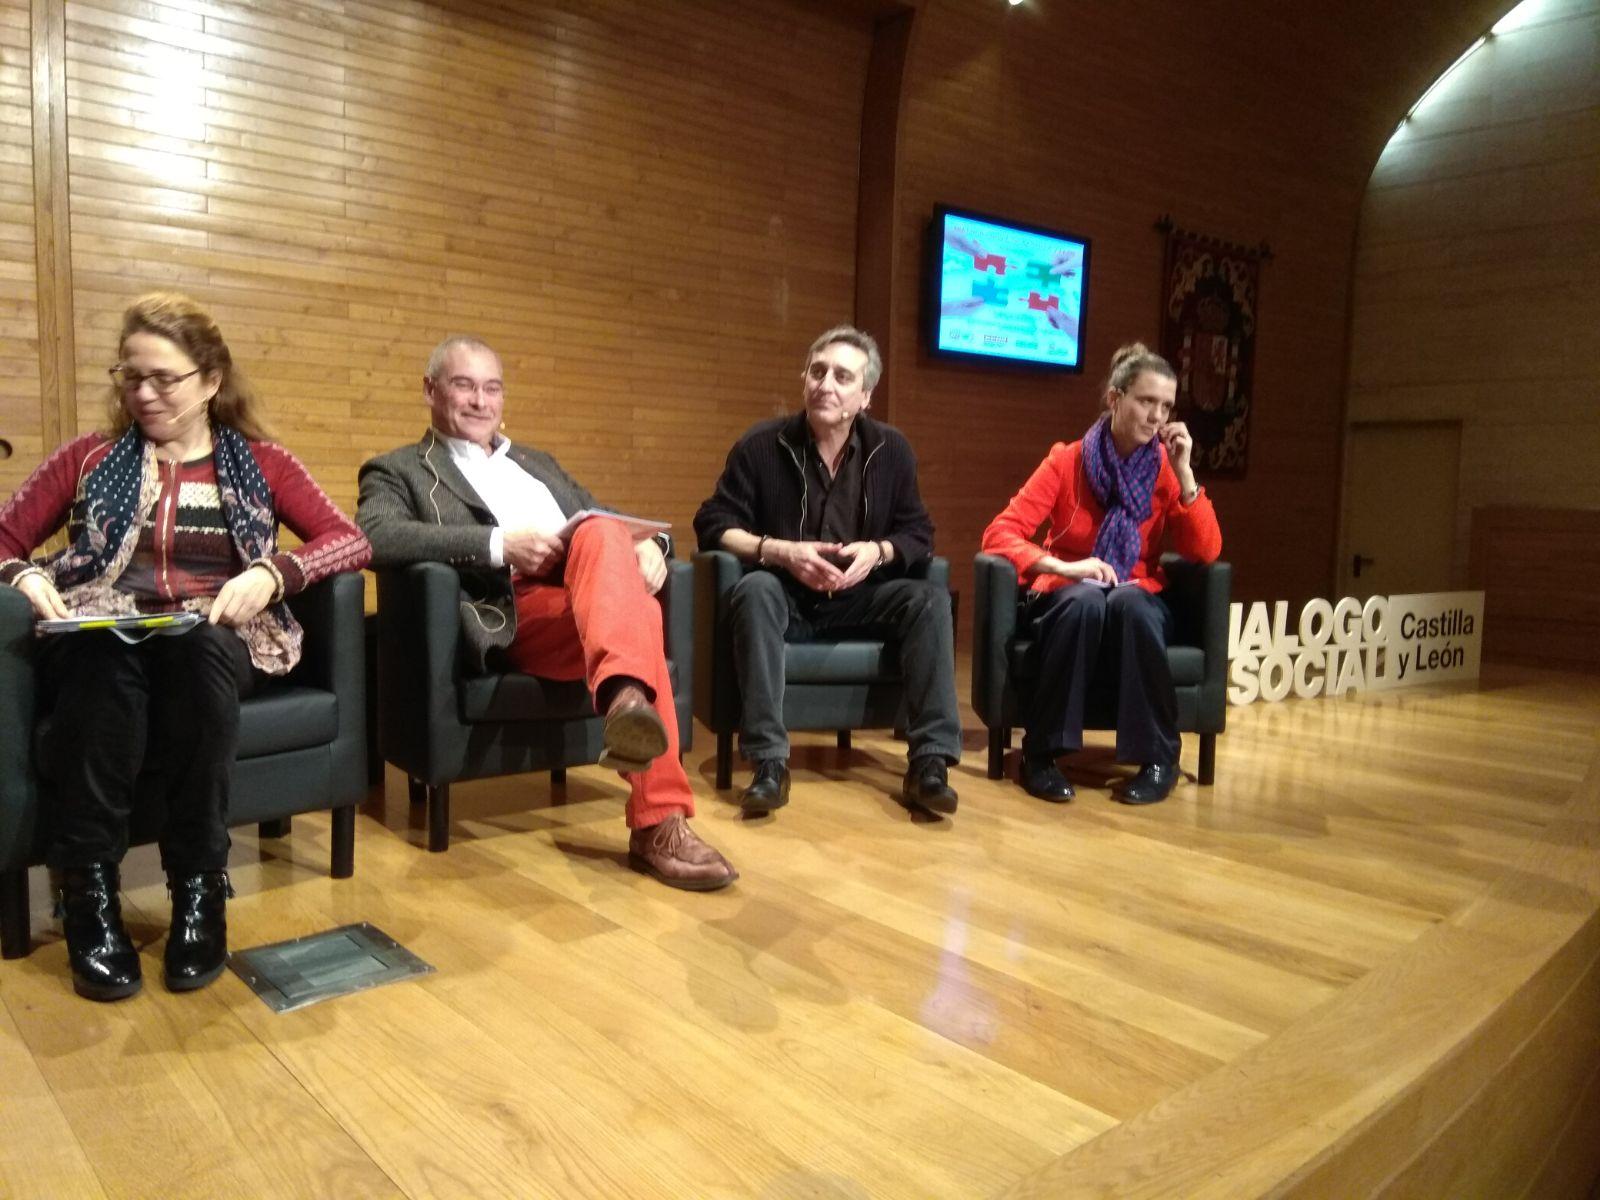 El futuro del trabajo que queremos en Castilla y León